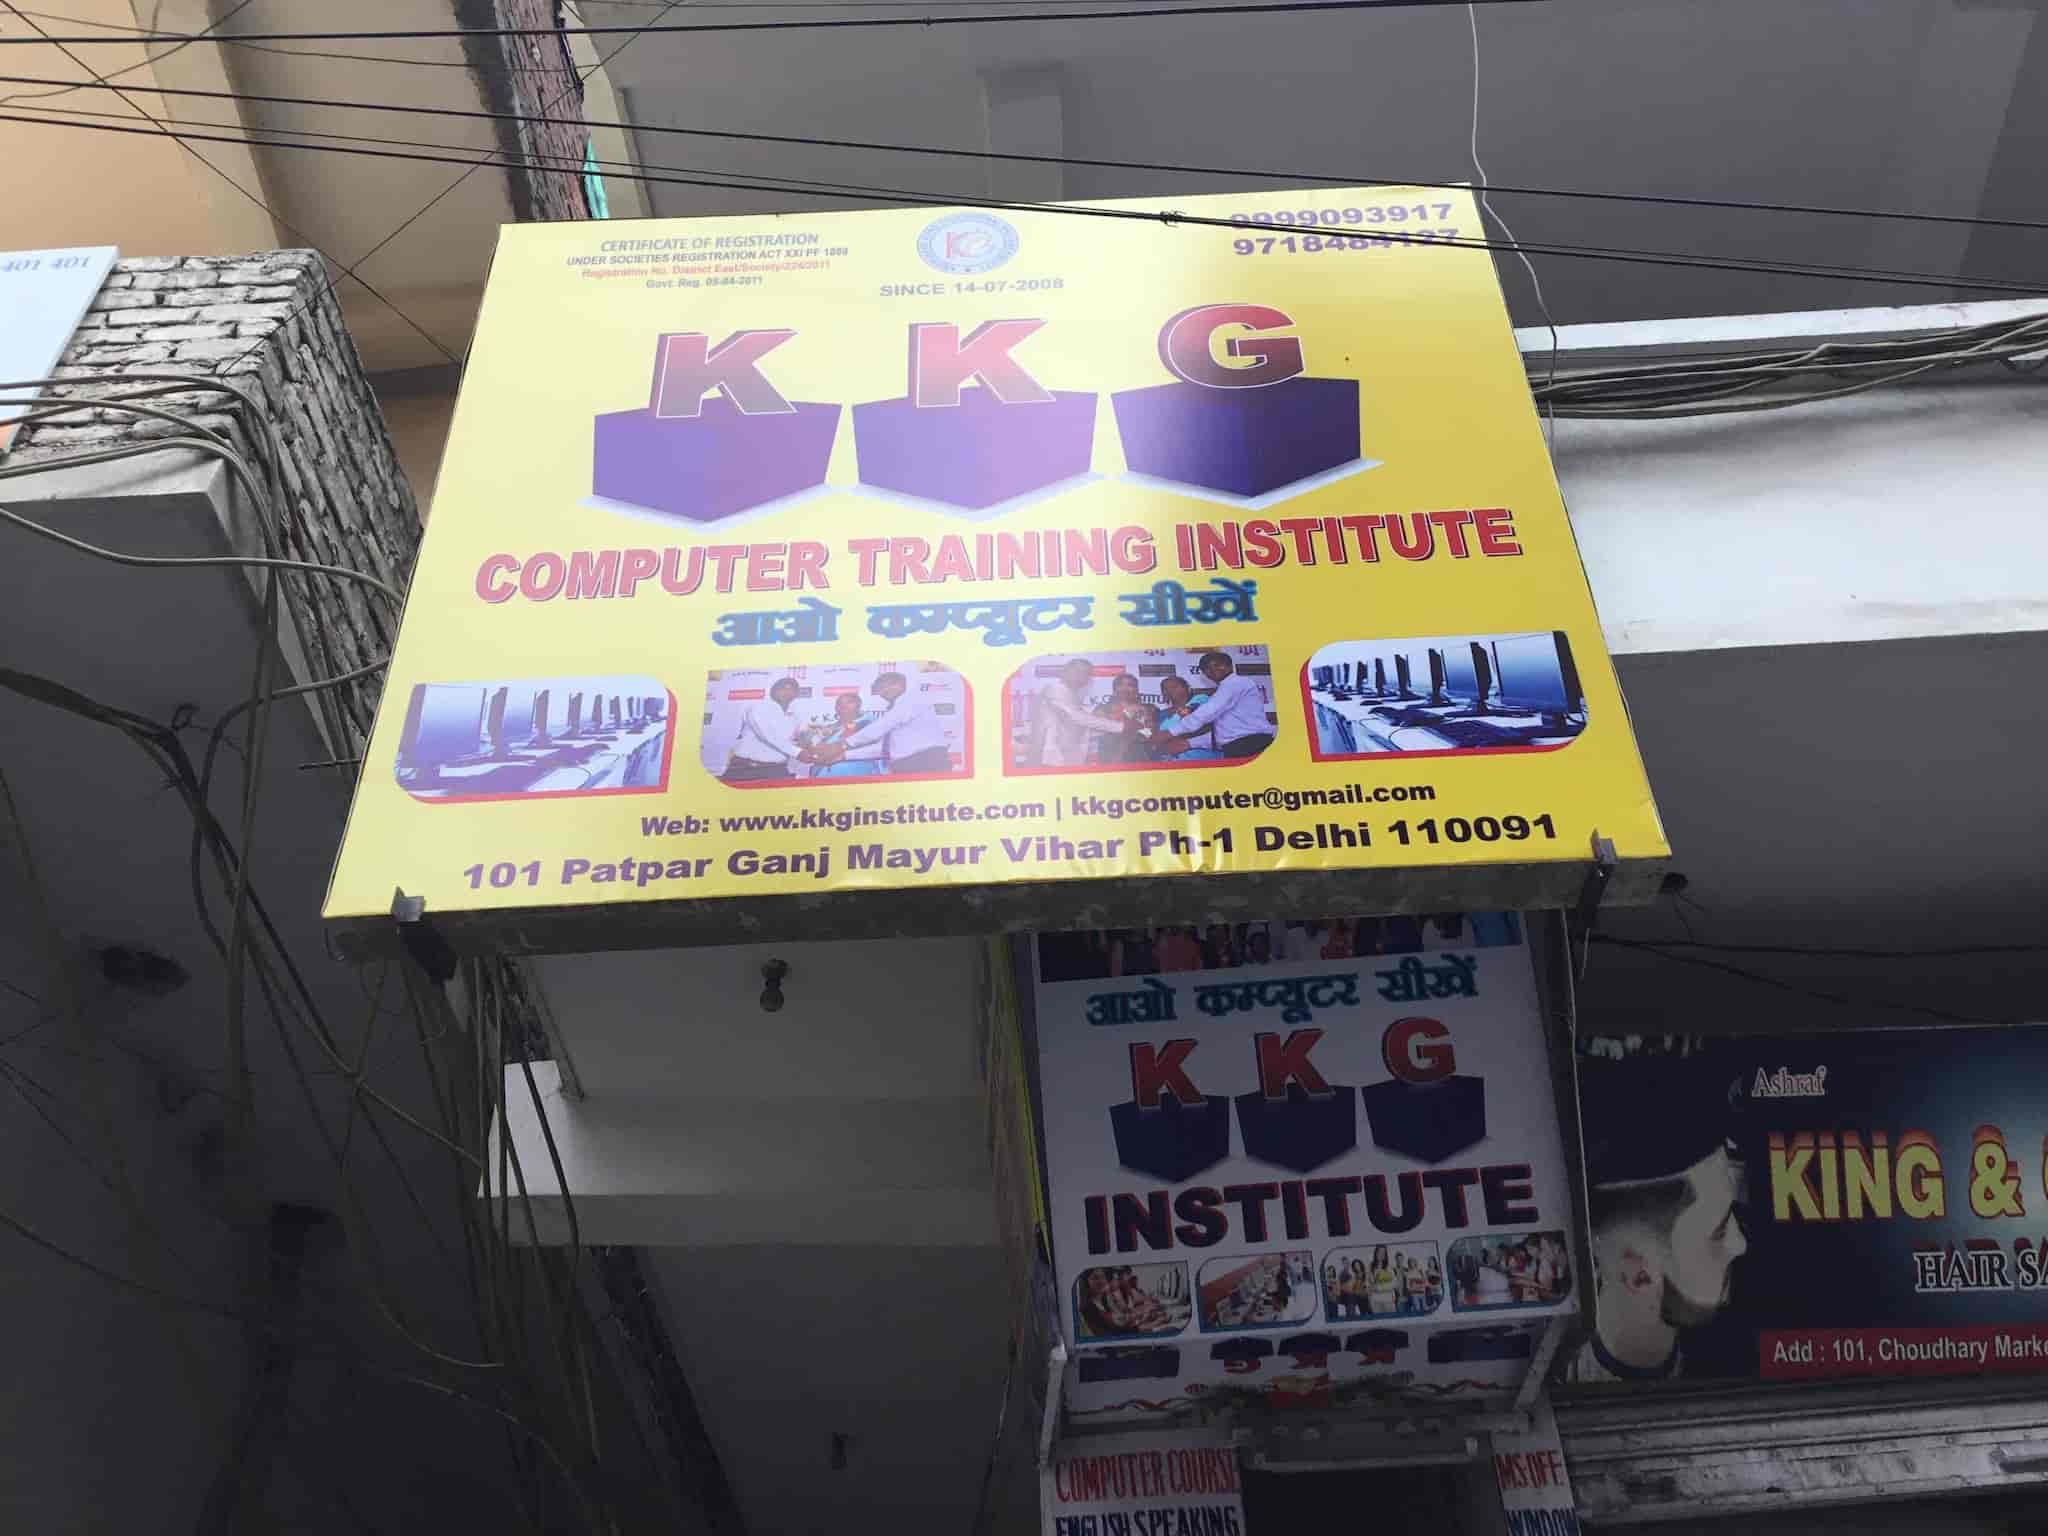 K K G Computer Training Institute, Mayur Vihar Phase 1